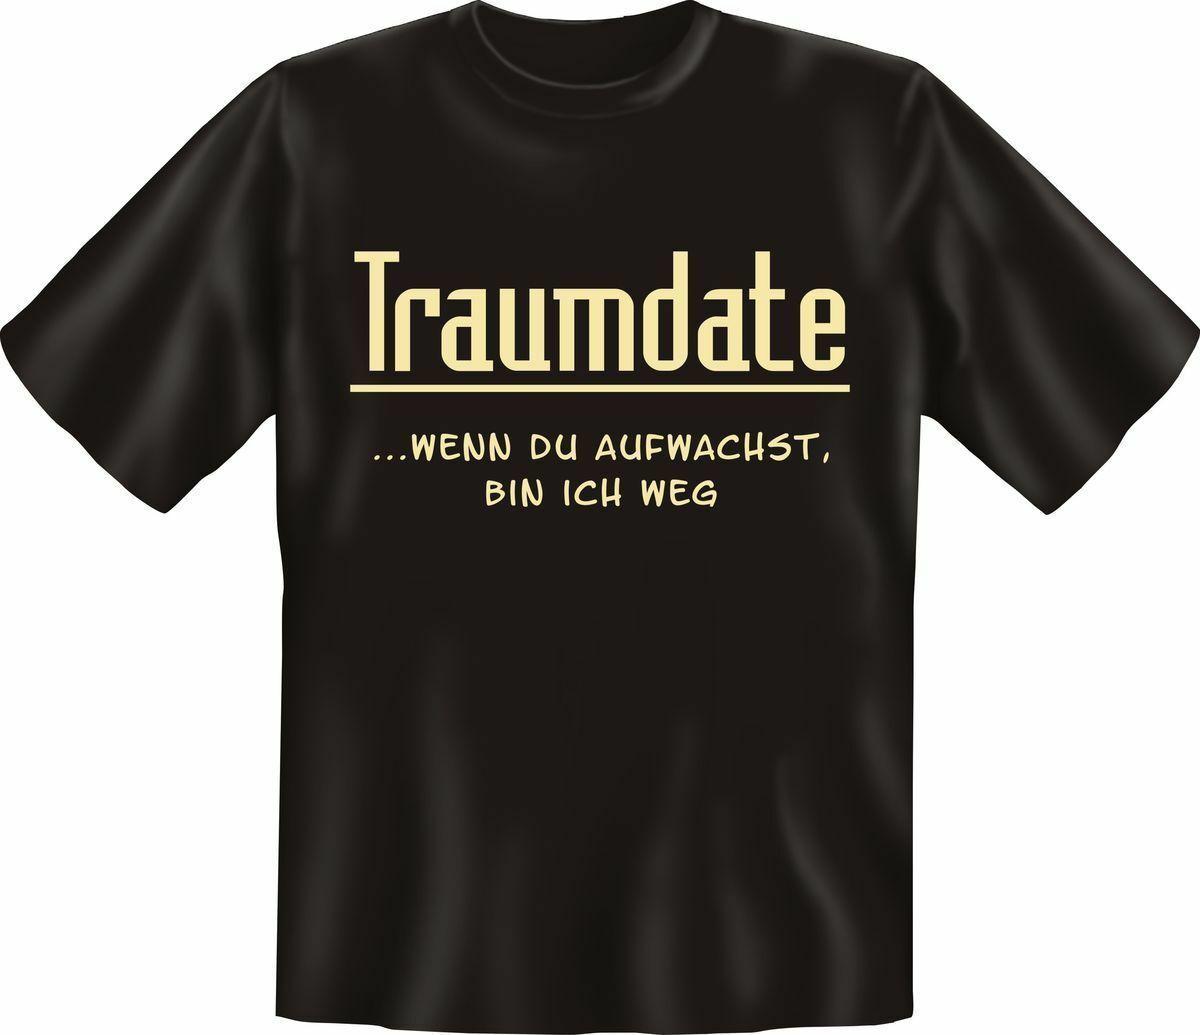 Full Size of 5943dc342ec34 Wandsprüche Sprüche Für Die Küche Coole T Shirt Wandtattoo T Shirt Bettwäsche Lustige Männer Junggesellenabschied Wandtattoos Betten Küche Coole T Shirt Sprüche